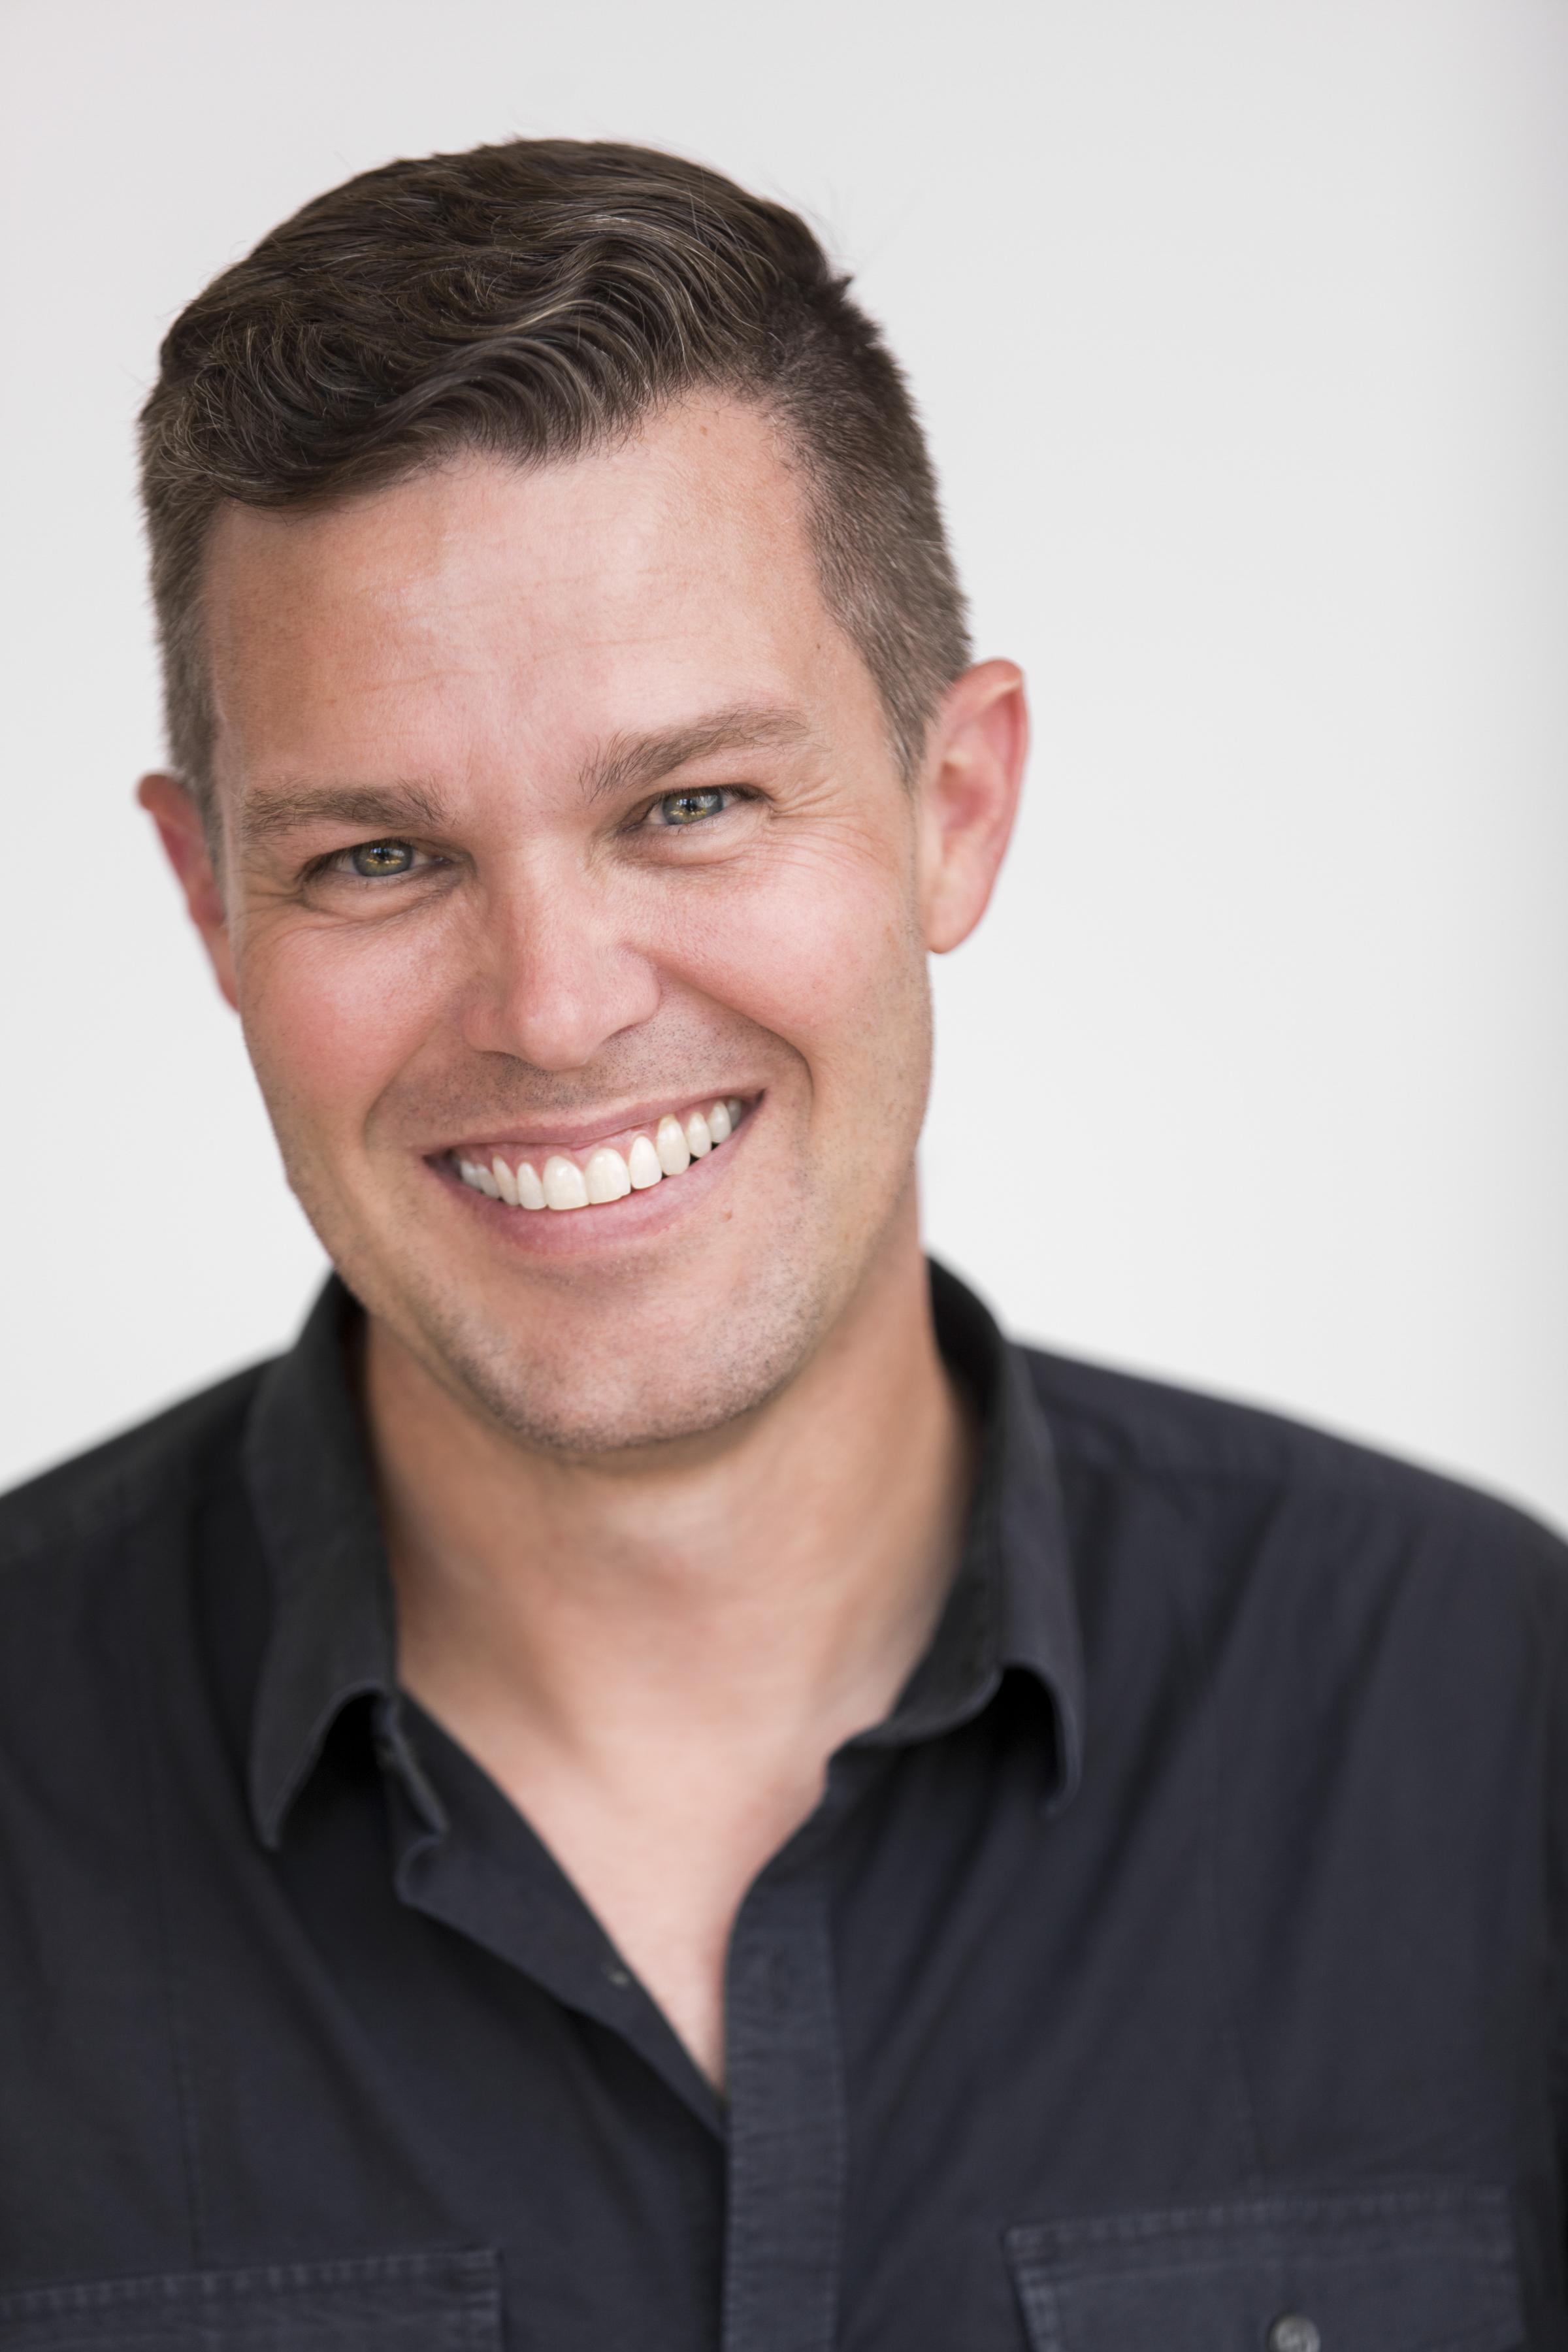 Dr. Ryan Beeken